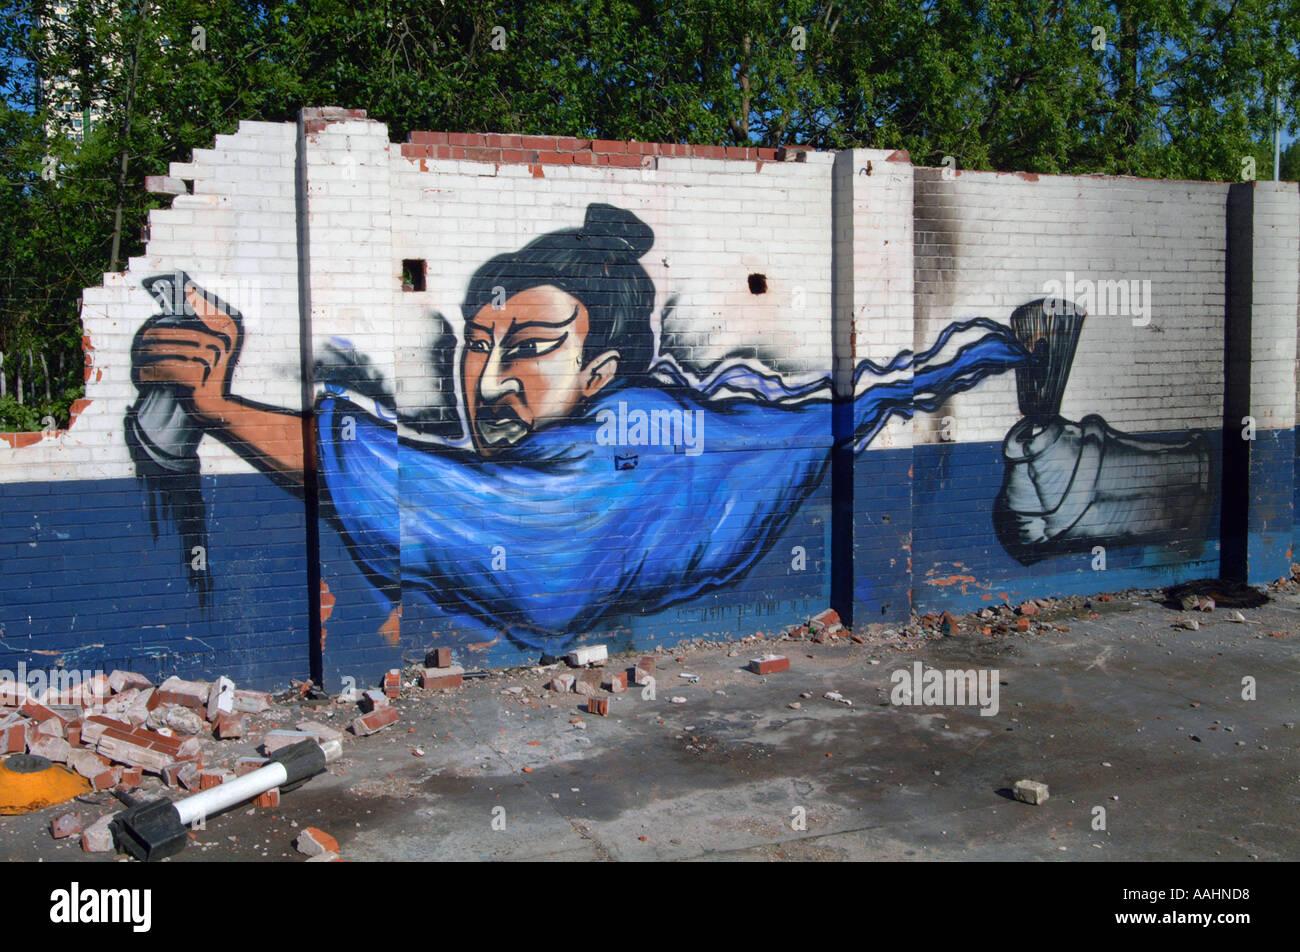 Graffiti wall uk - Stock Photo Stockport Graffiti Wall Art Genii Genie North West Uk Europe